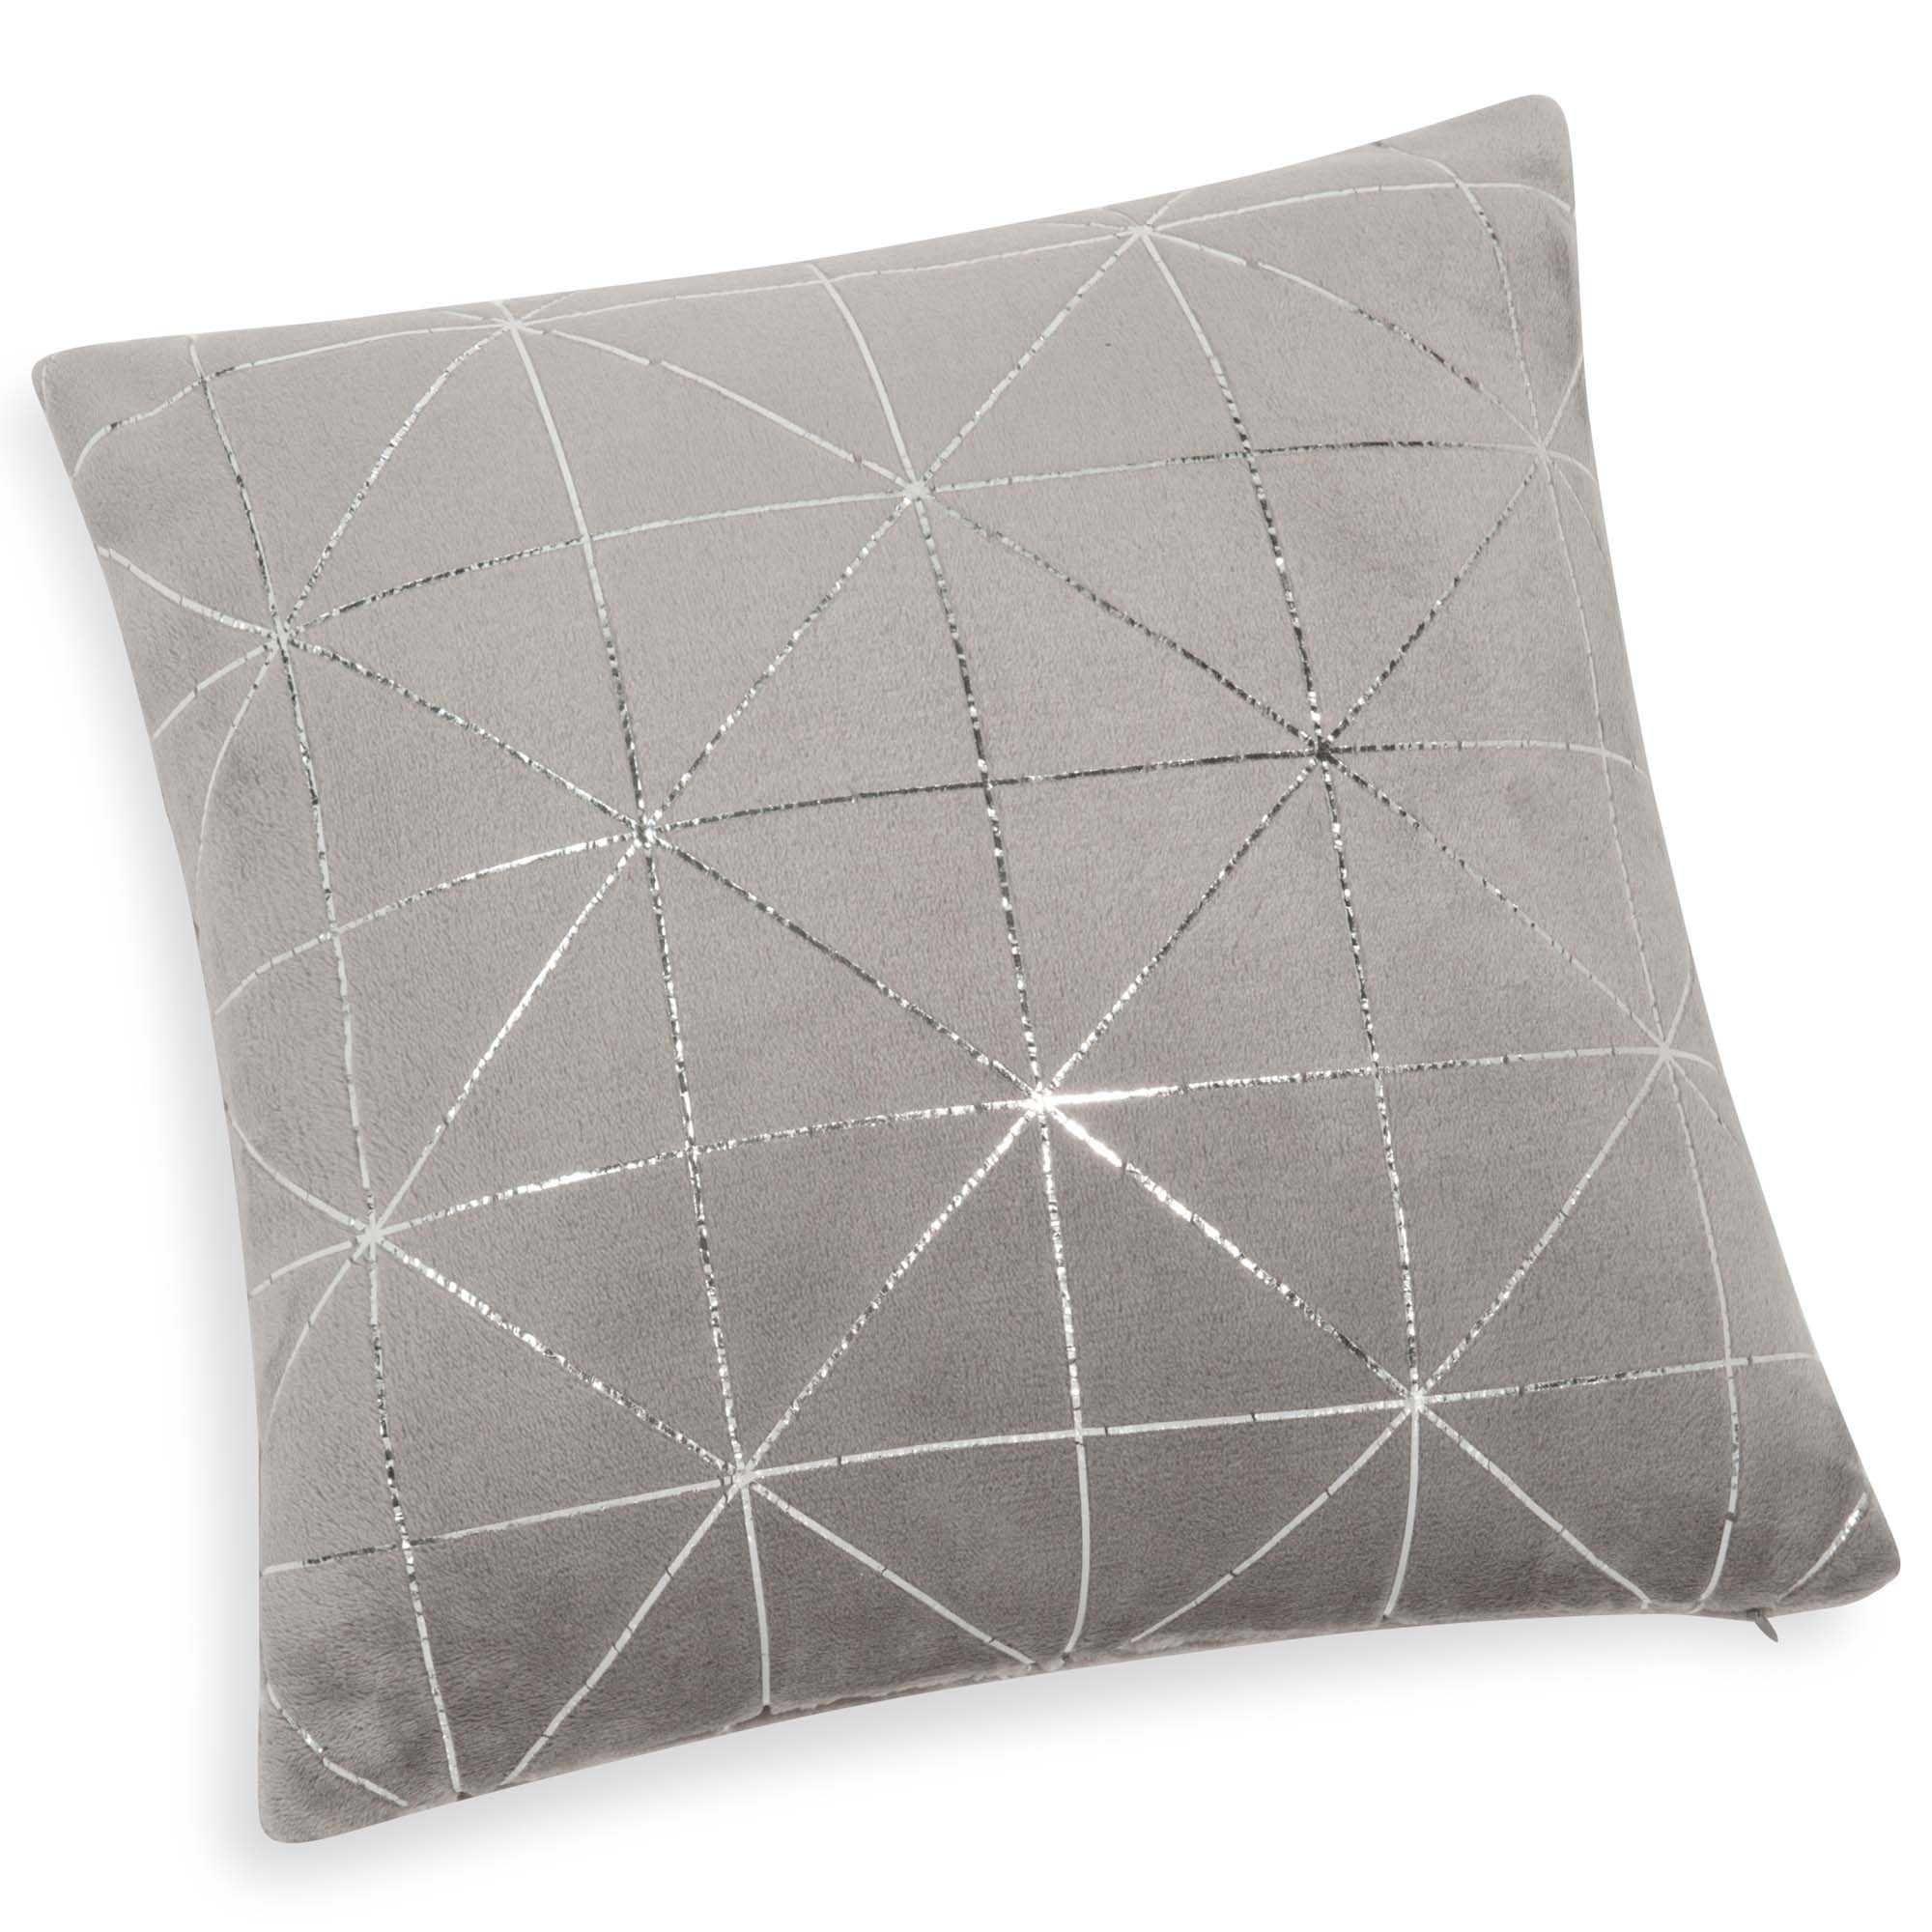 Weiches Kissen Grau 40x40 In 2019 Marcel Grey Cushions